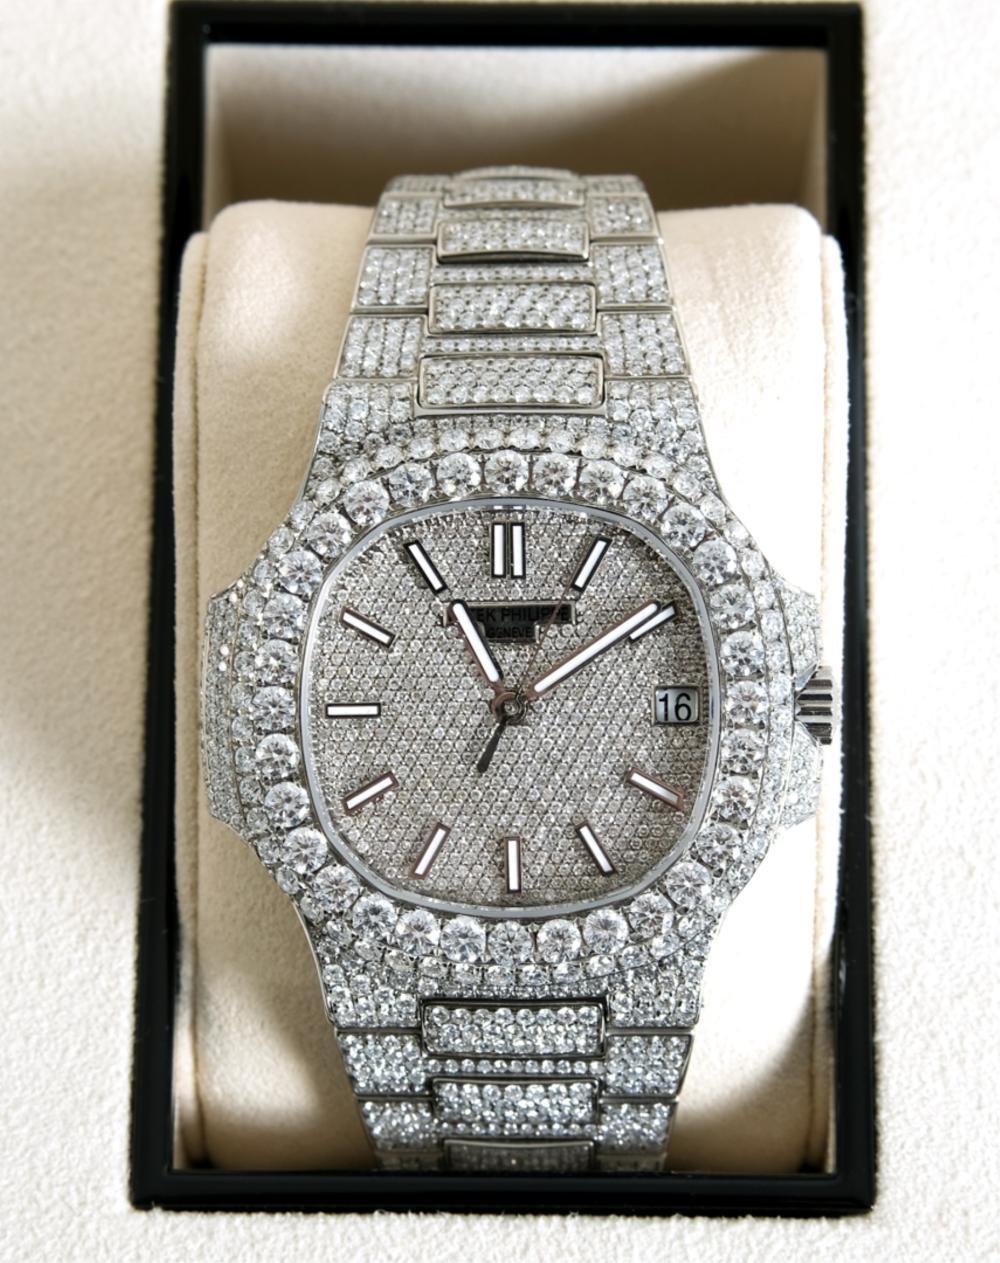 Patek Philippe Nautilus 5711 Pave Diamond Watch